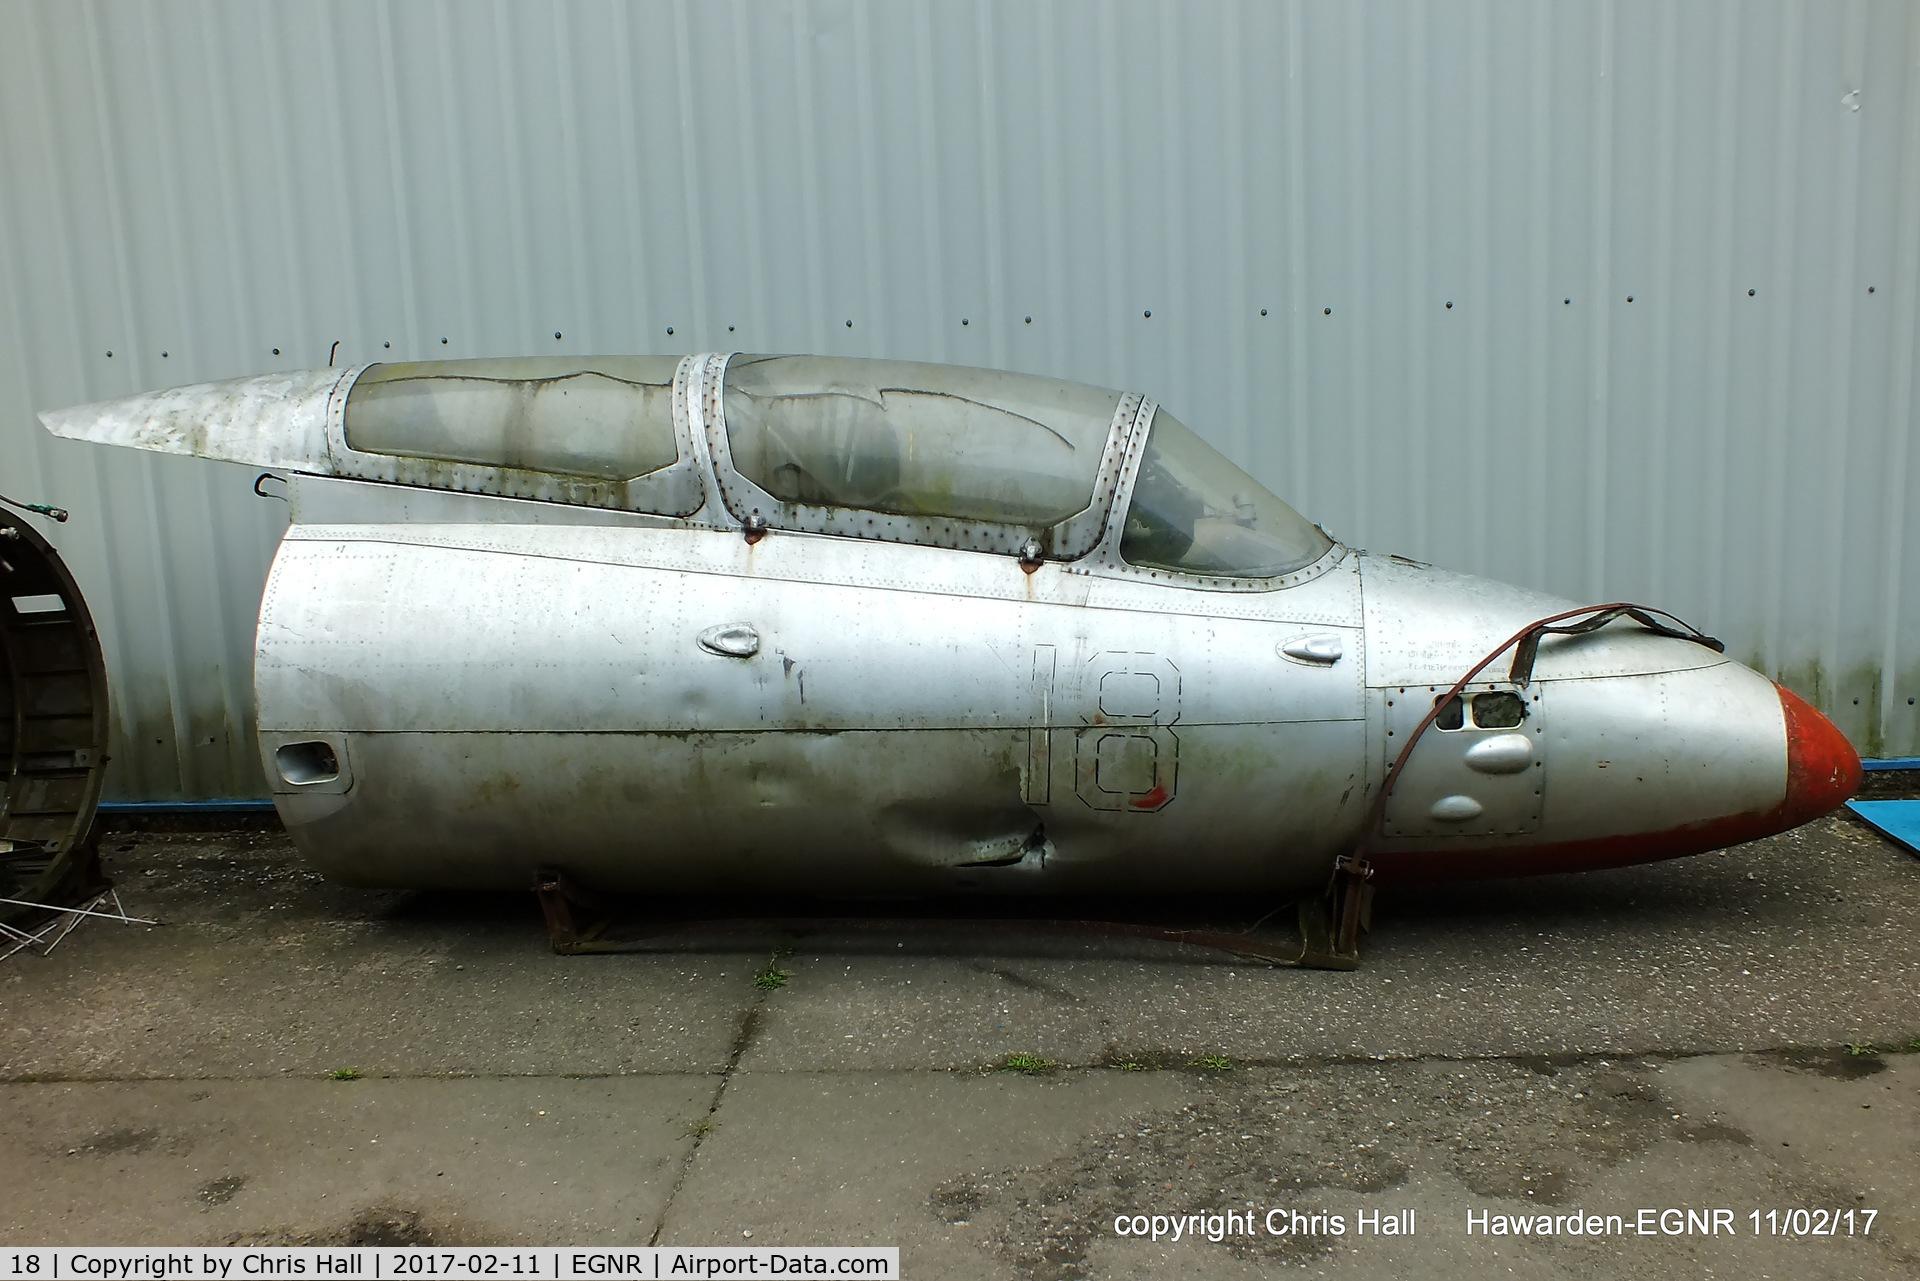 18, Aero L-29 Delfin C/N 591771, at Hawarden